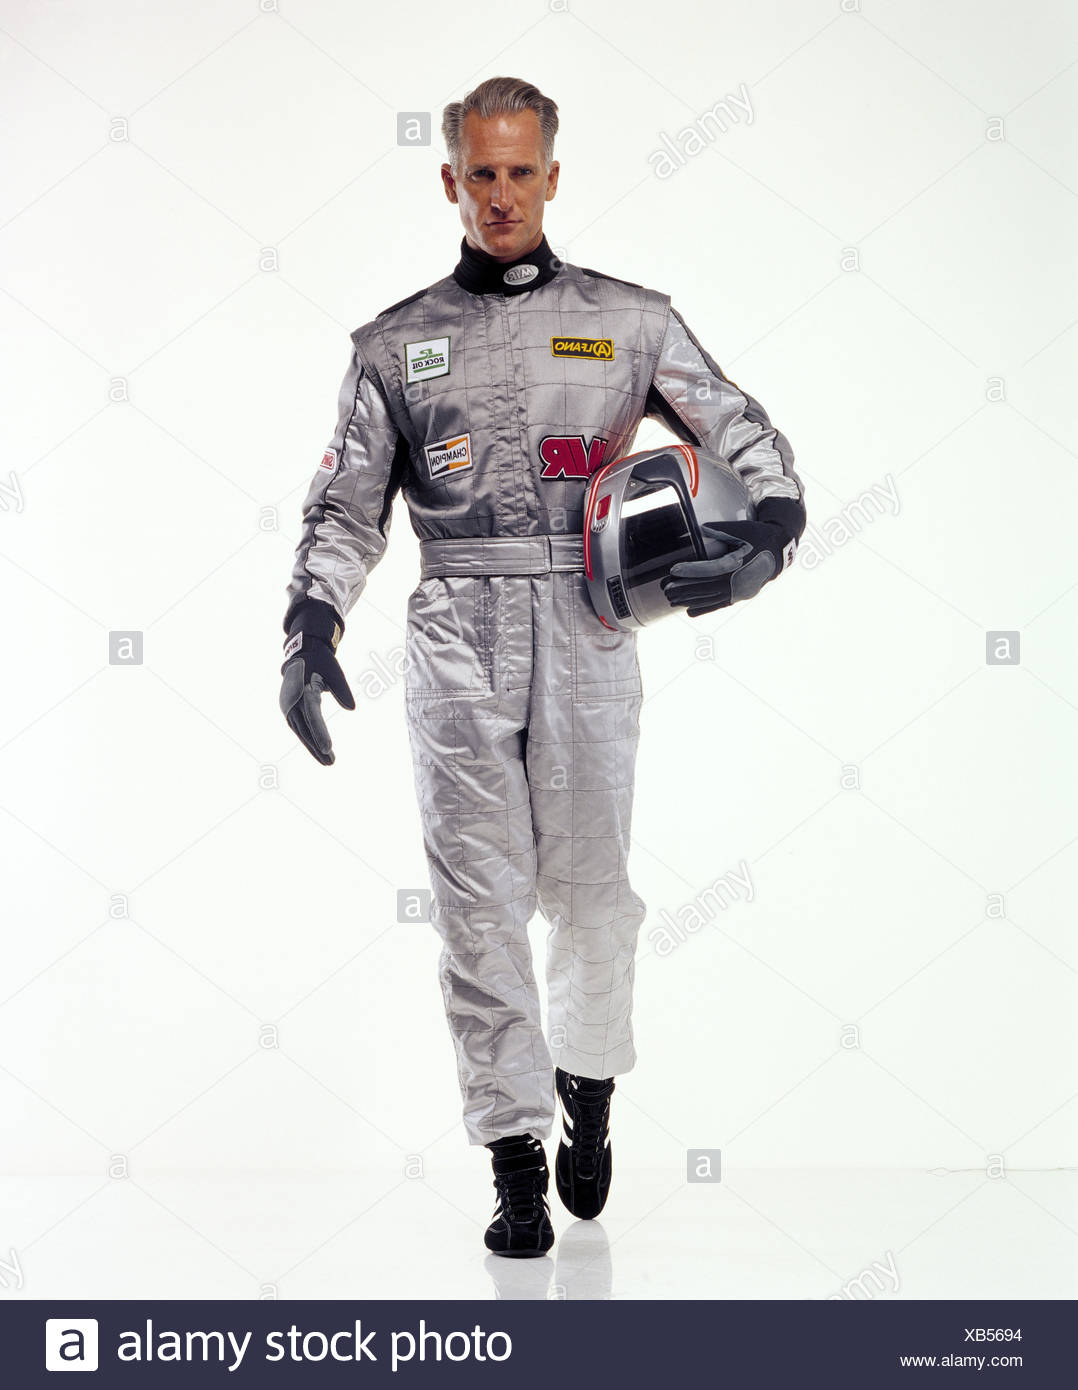 Motor Sport racing driver, complessivamente, casco, argento, movimento go sport, sport racing, uomo racing tuta, casco, casco, elmetto, guanti, studio, con testa, Immagini Stock